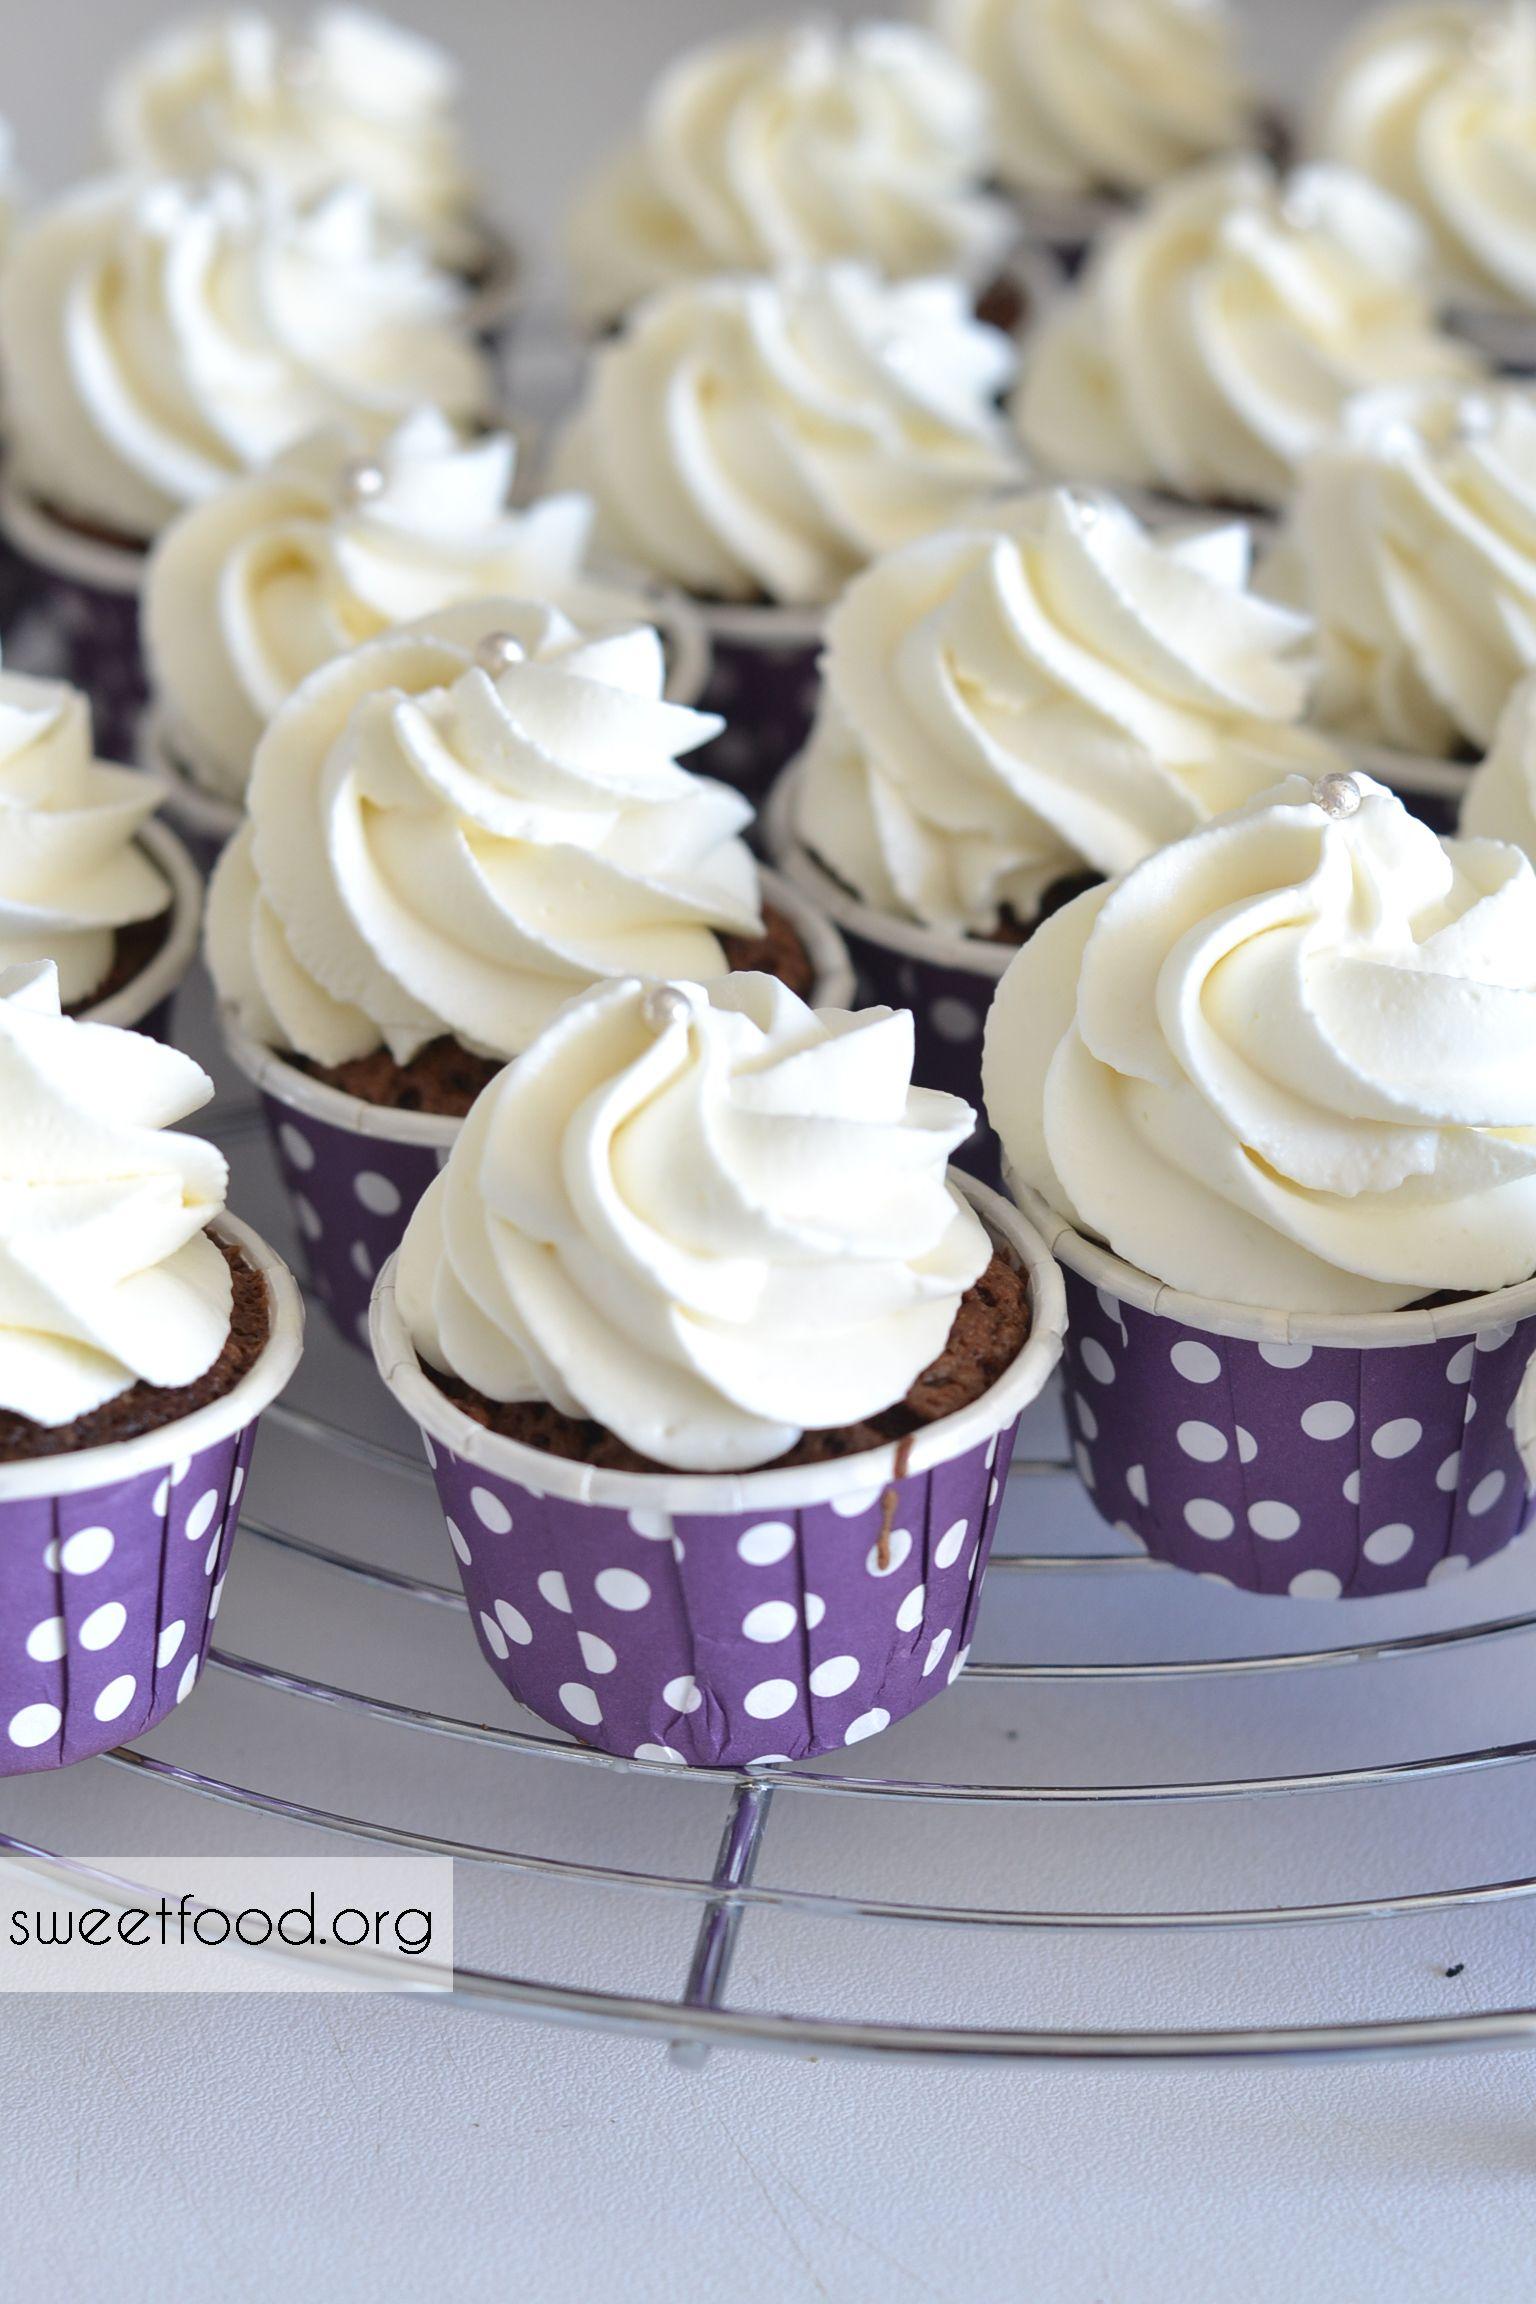 Recette de glacage cupcake facile